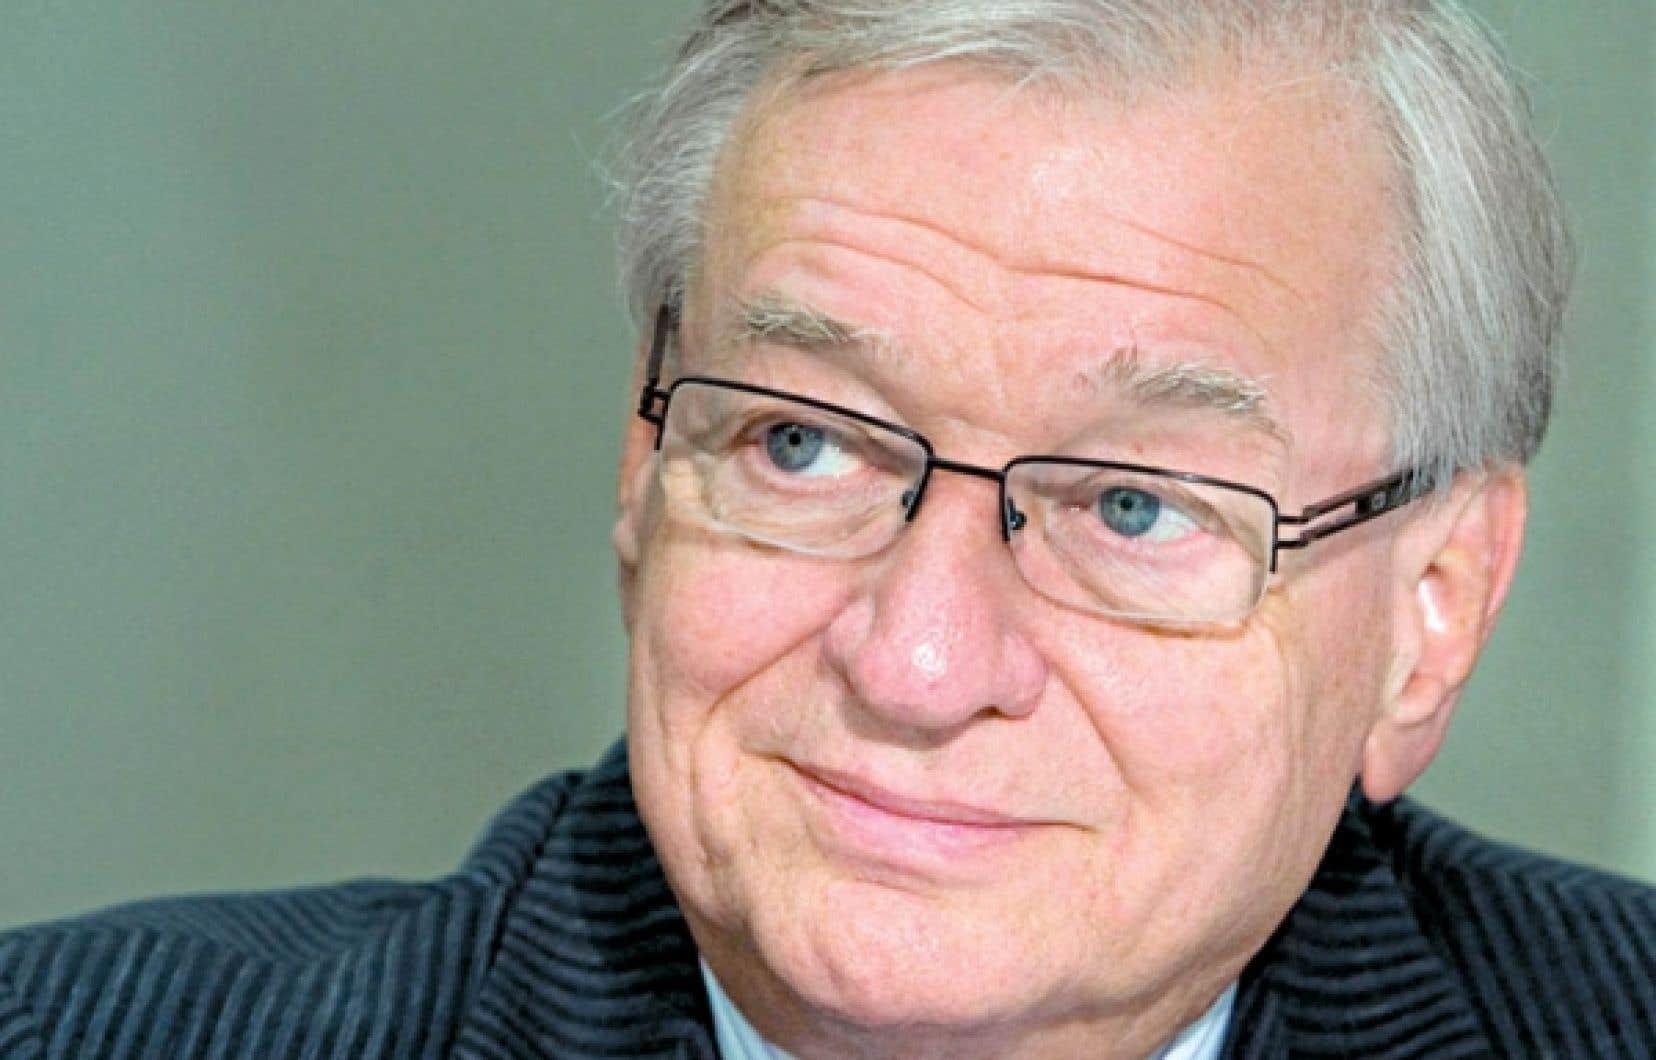 Gilles Vaillancourt, le maire de Laval, a commandé un sondage (ou plusieurs coups de sonde regroupés en une seule facture) s'élevant à 28 613,81 $ et payé grâce aux taxes des contribuables dont les intentions étaient sondées.